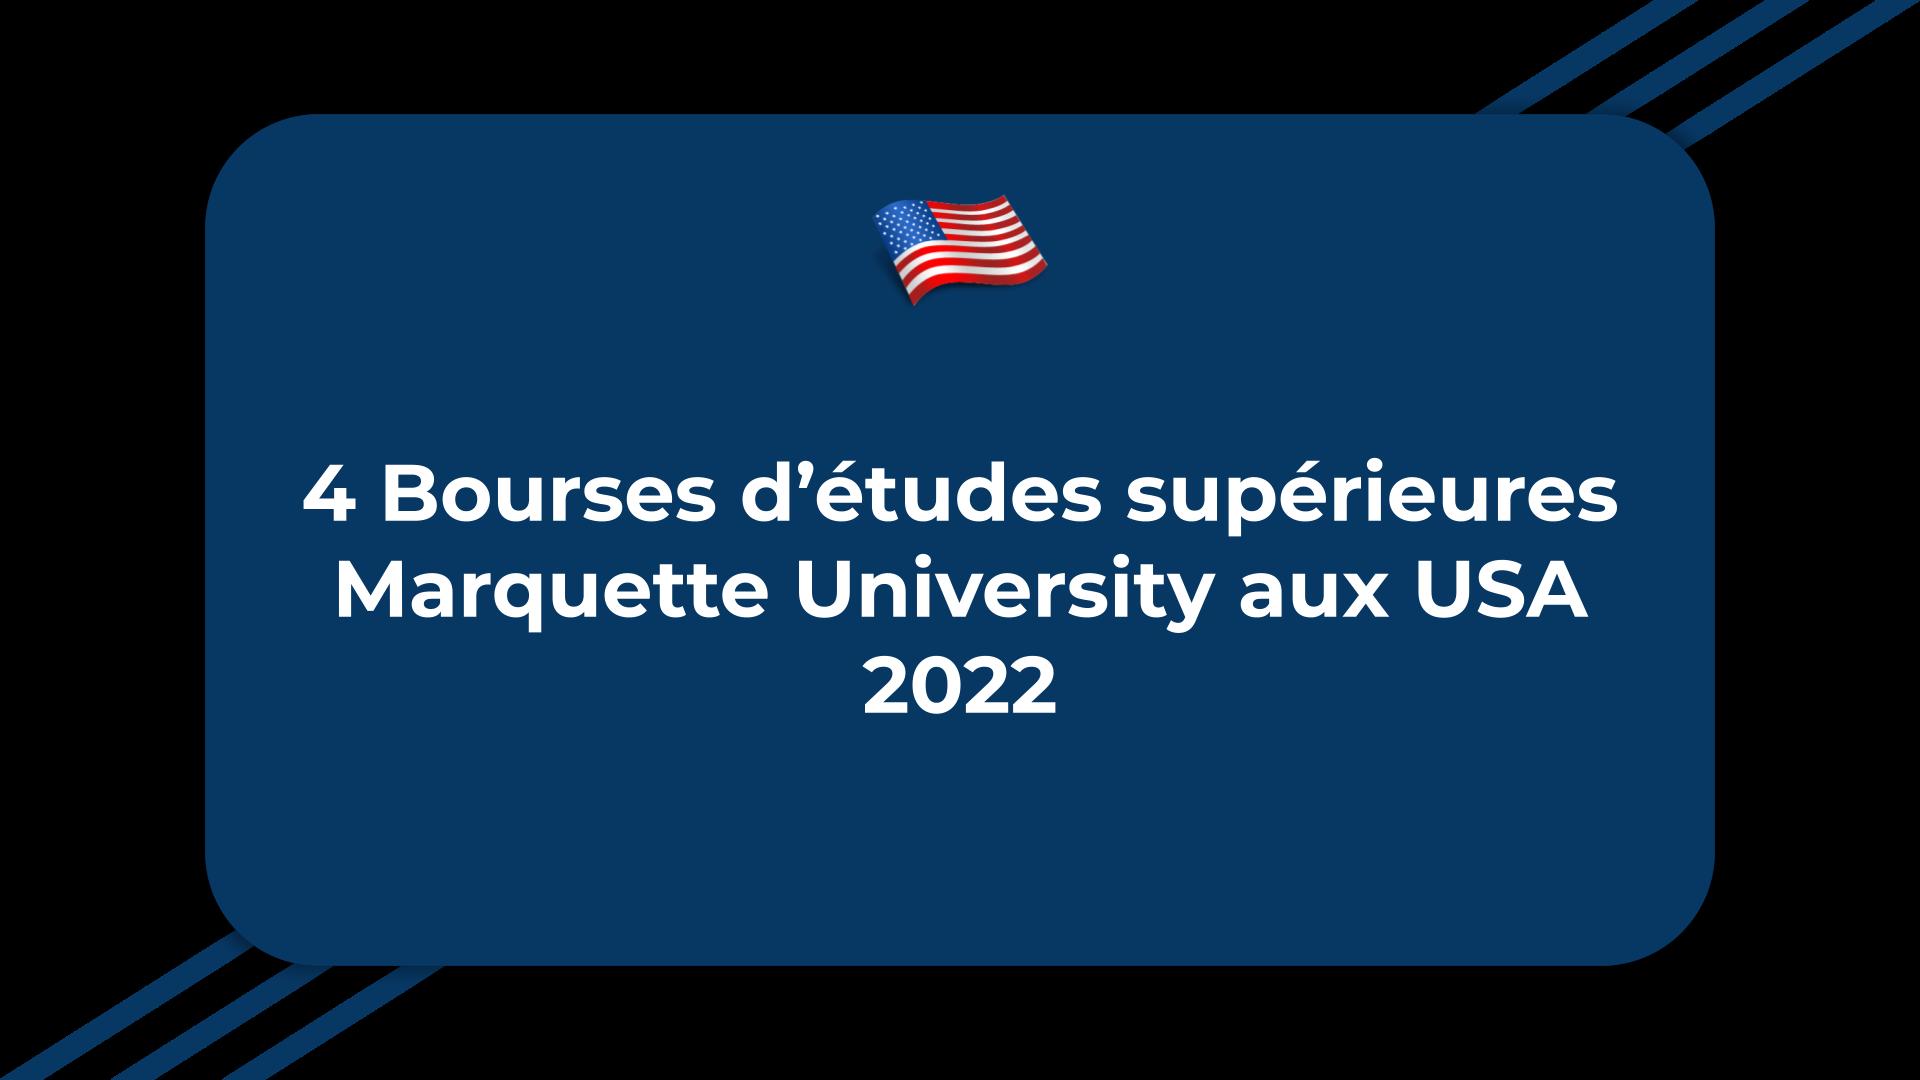 Bourses d'études supérieures Marquette University